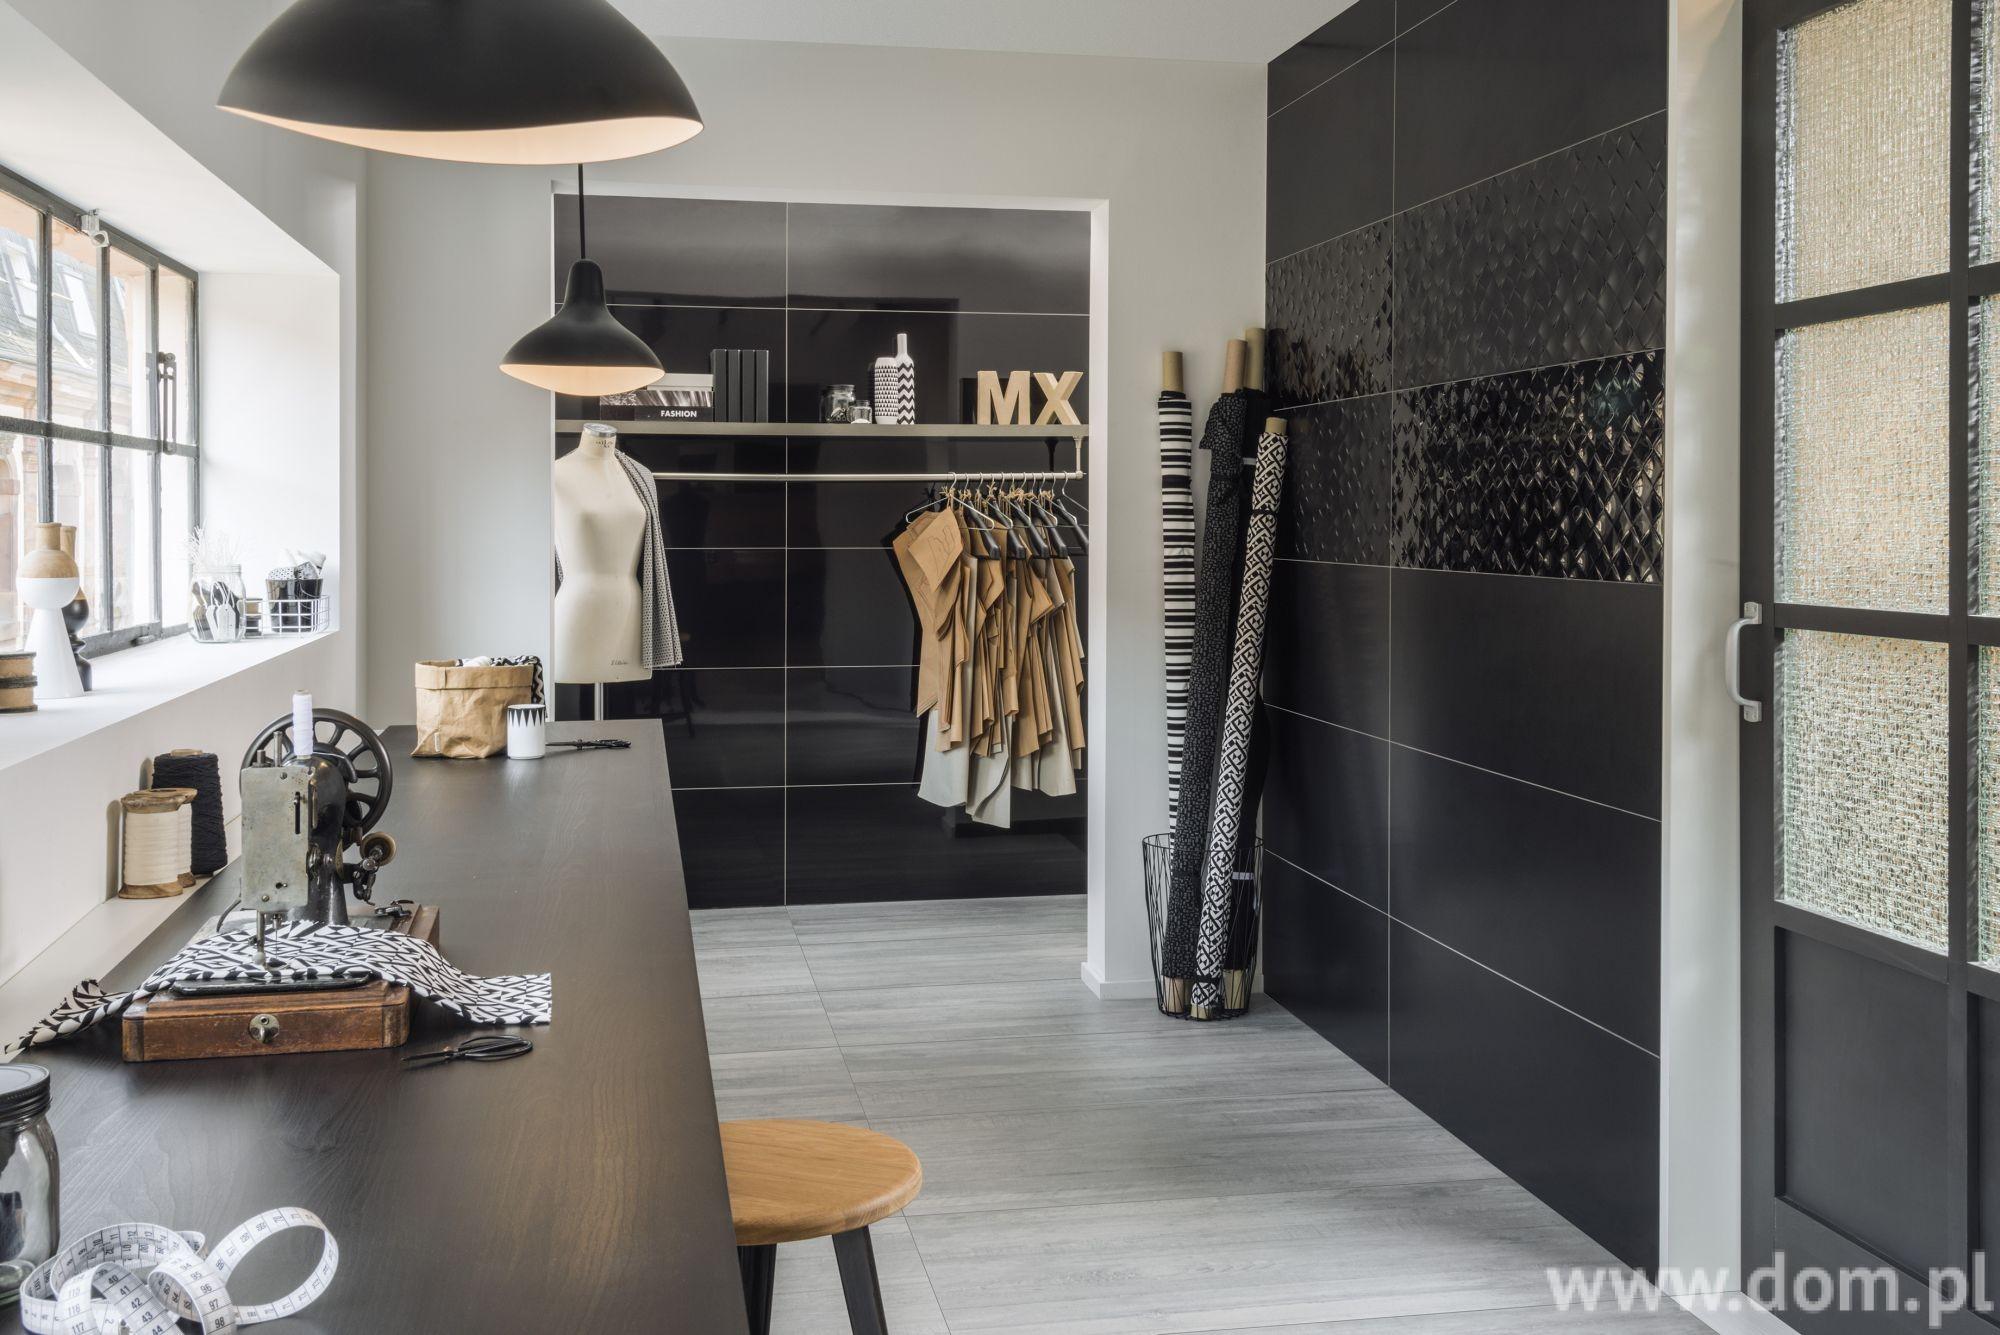 Модные интерьеры. Посмотреть 28 коллекций плитки награжденных дизайнерами интерьеров